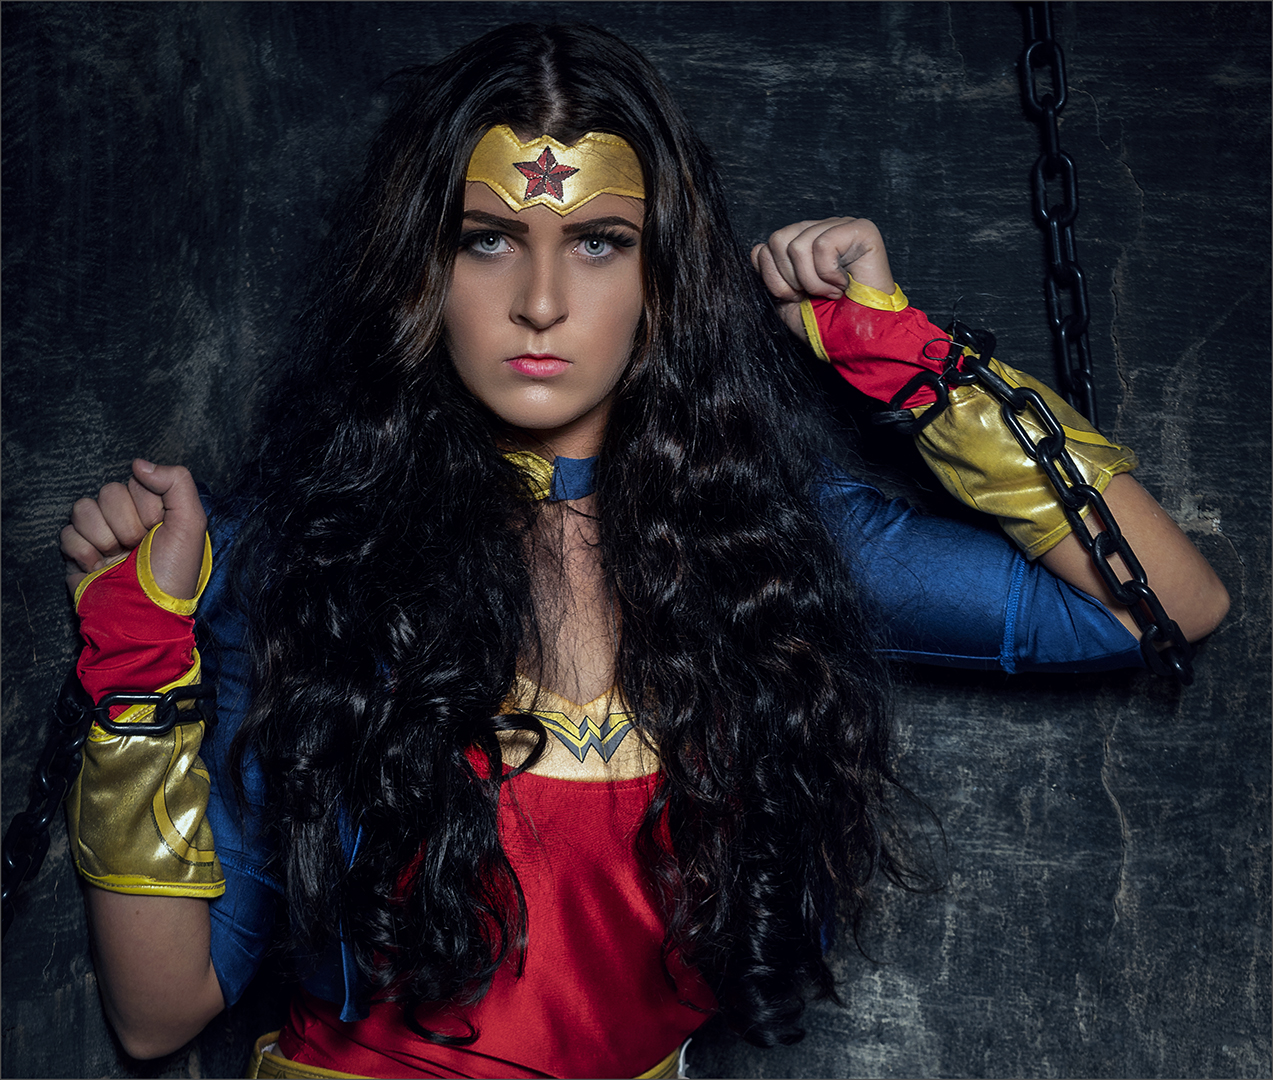 Wonder Woman-Dereck du Preez